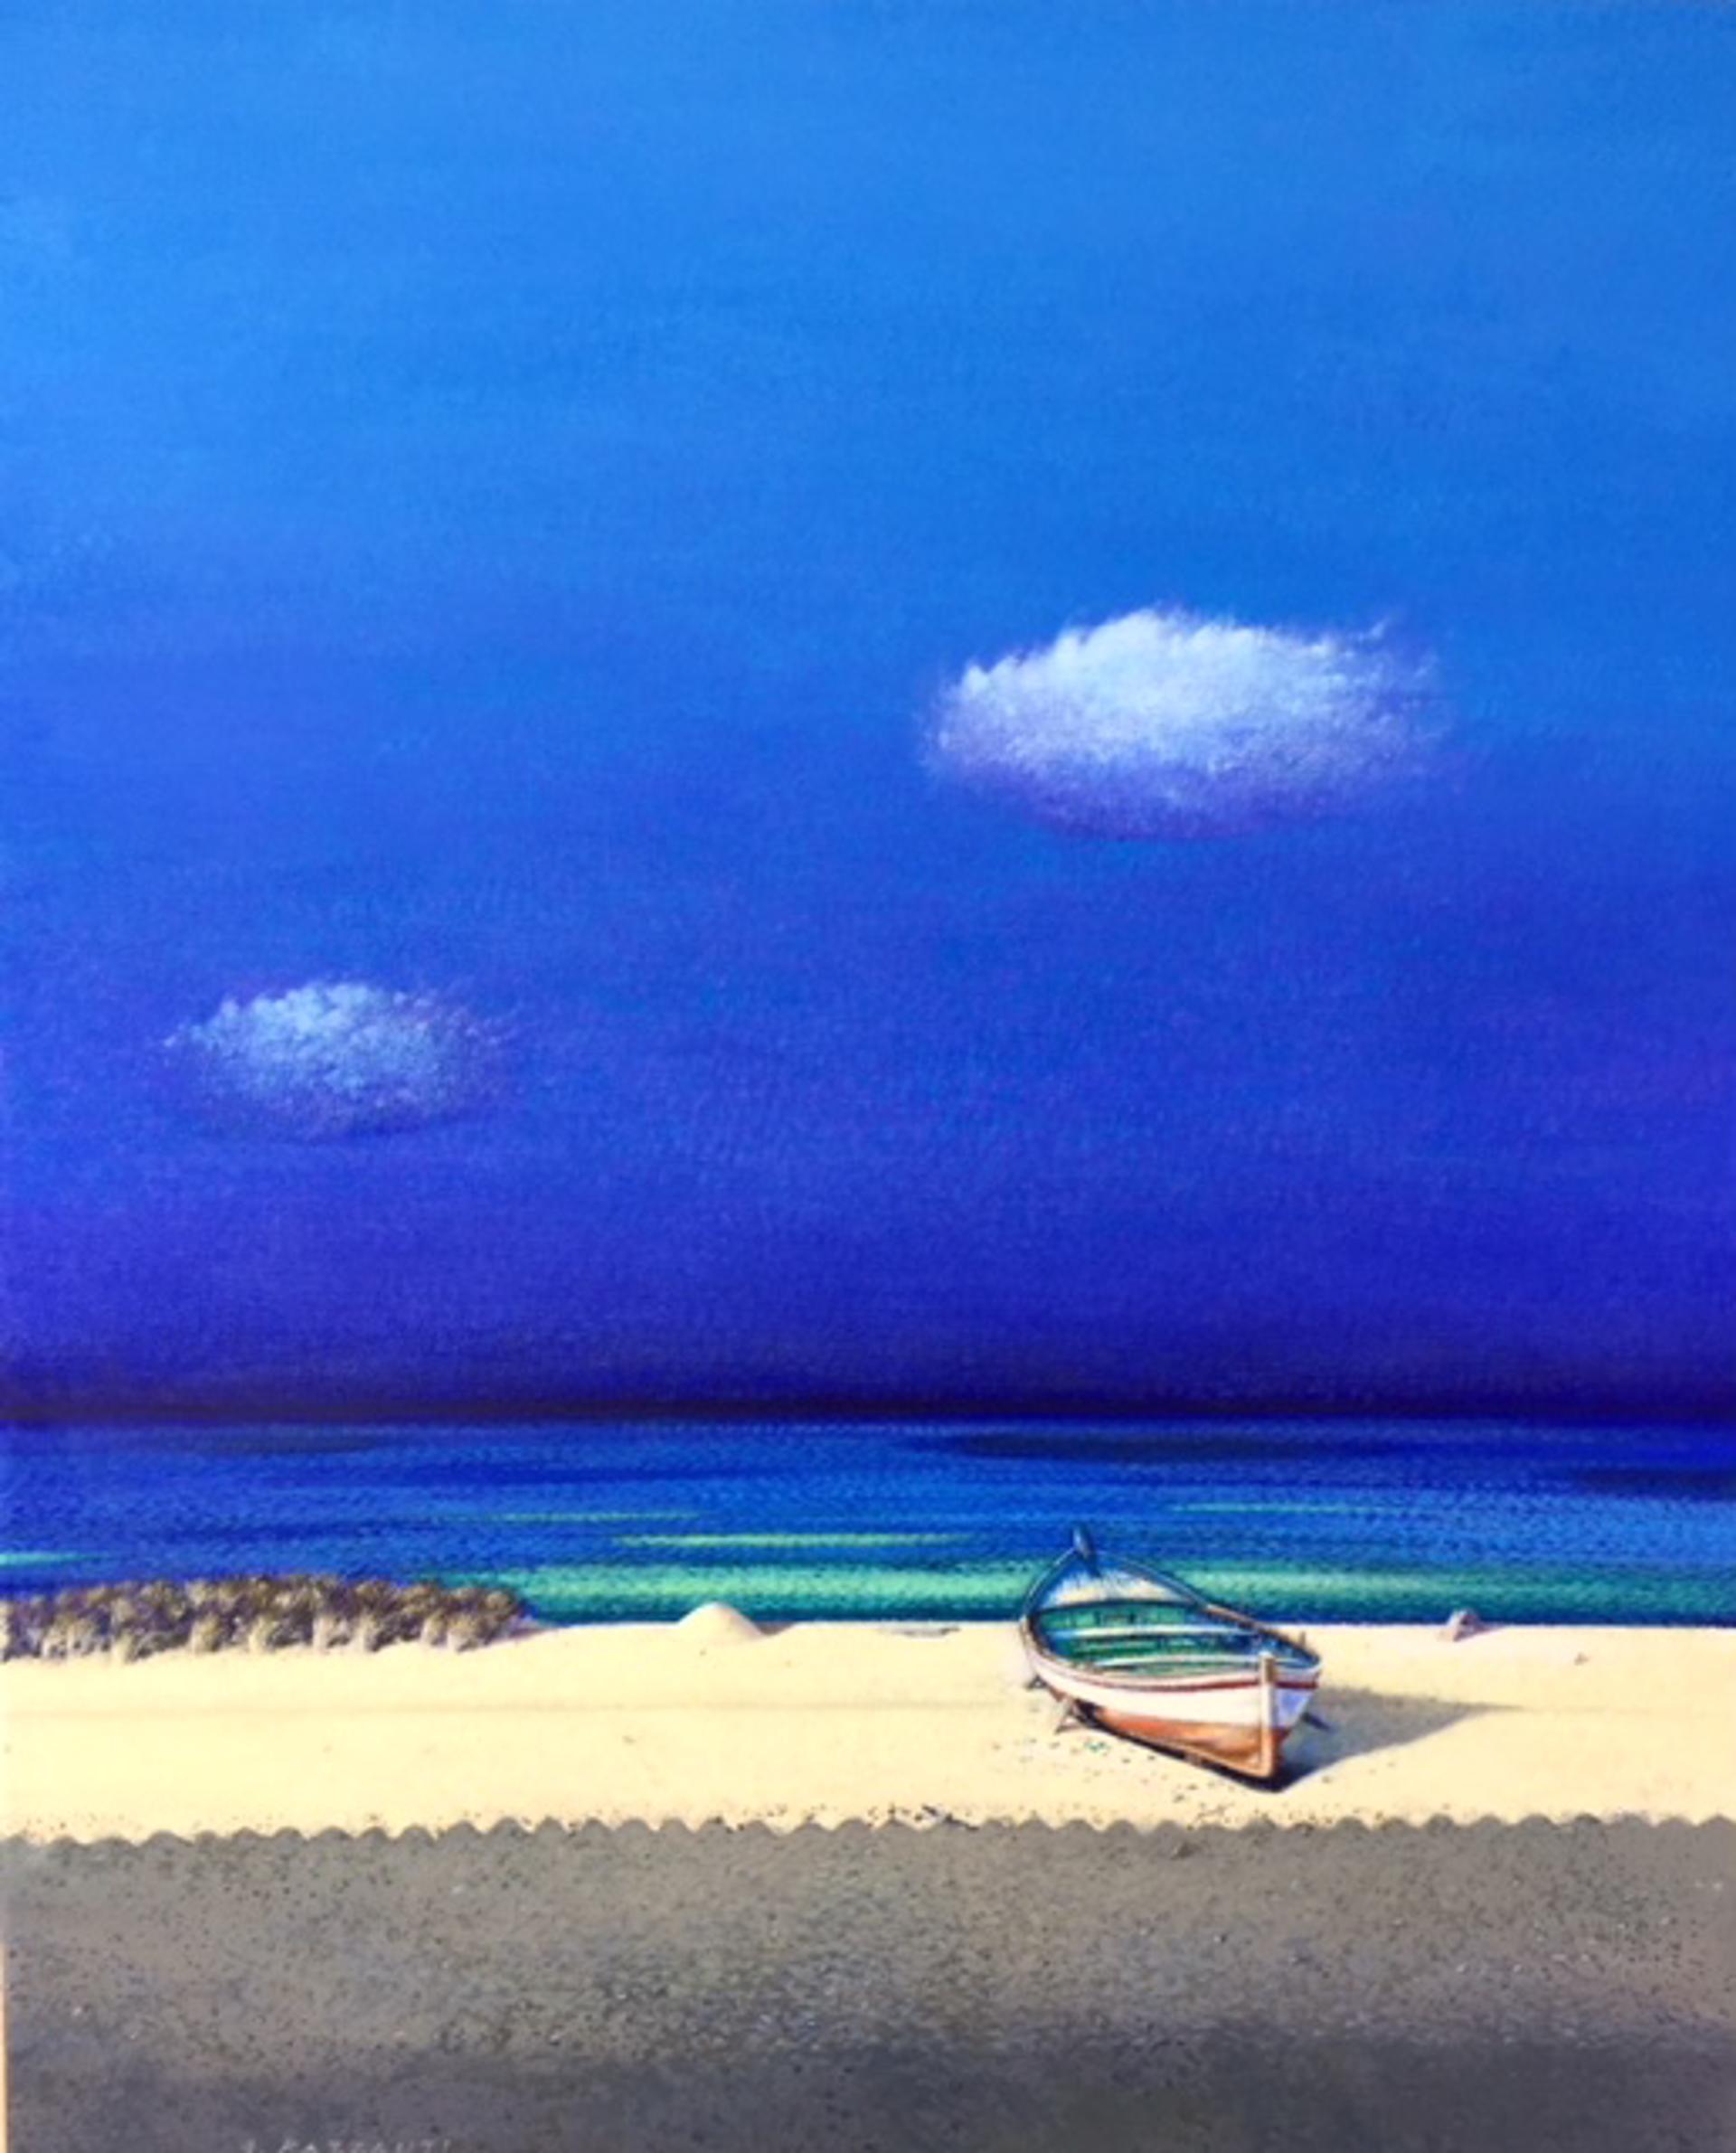 Silent by Andrea Razzauti